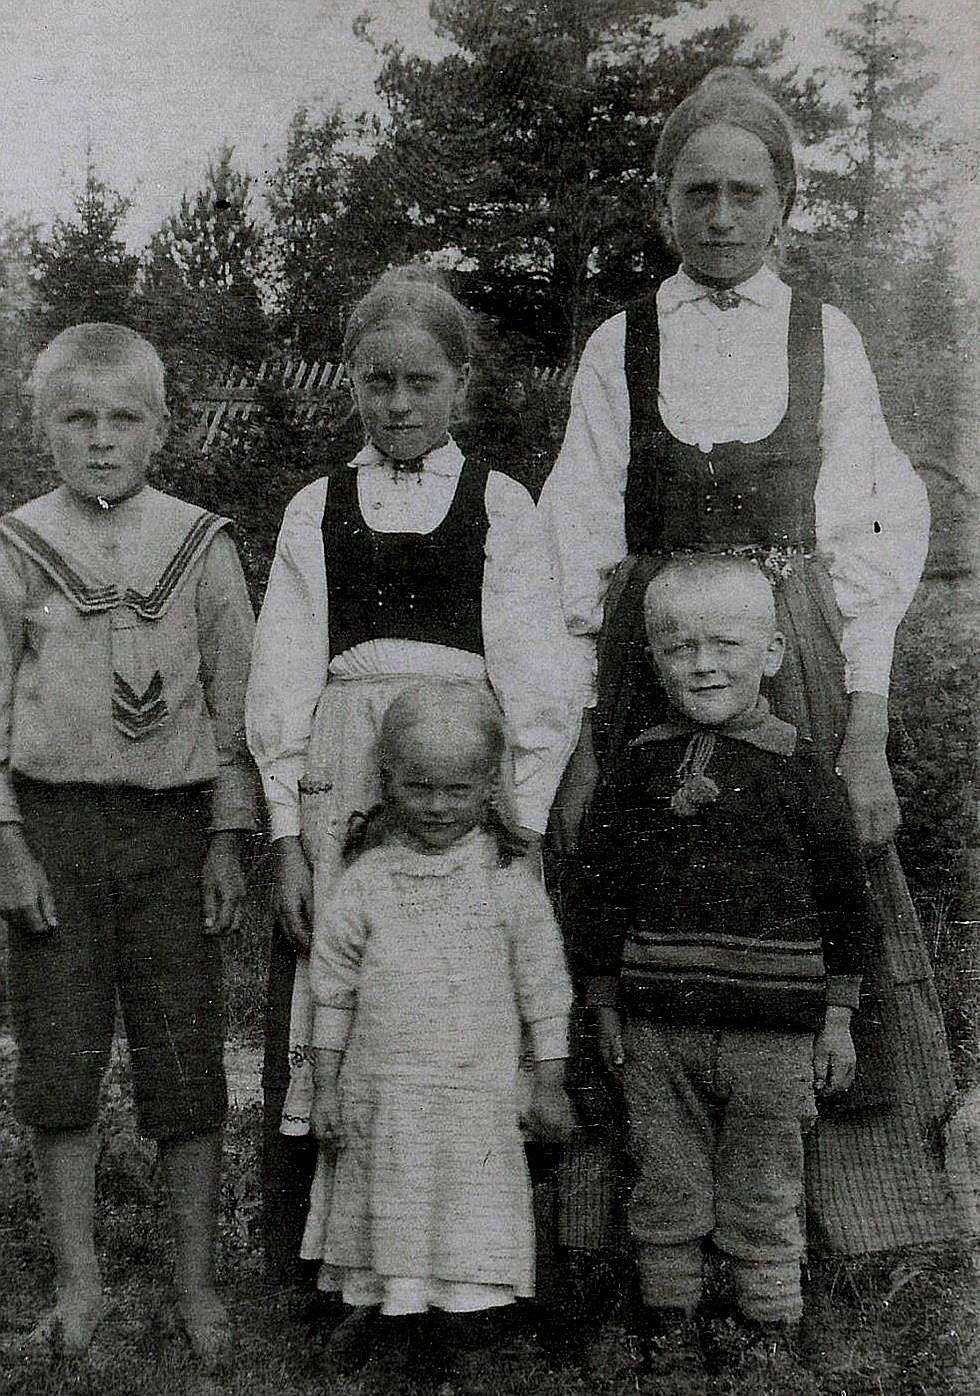 På detta Viktor Nylunds foto med syskonen Lillkull står hans son Rurik till vänster. Bredvid Rurik står Elin och Hulda och längst fram står Julia och Gunnar. Karl (f. 1923) var inte född då detta foto togs.